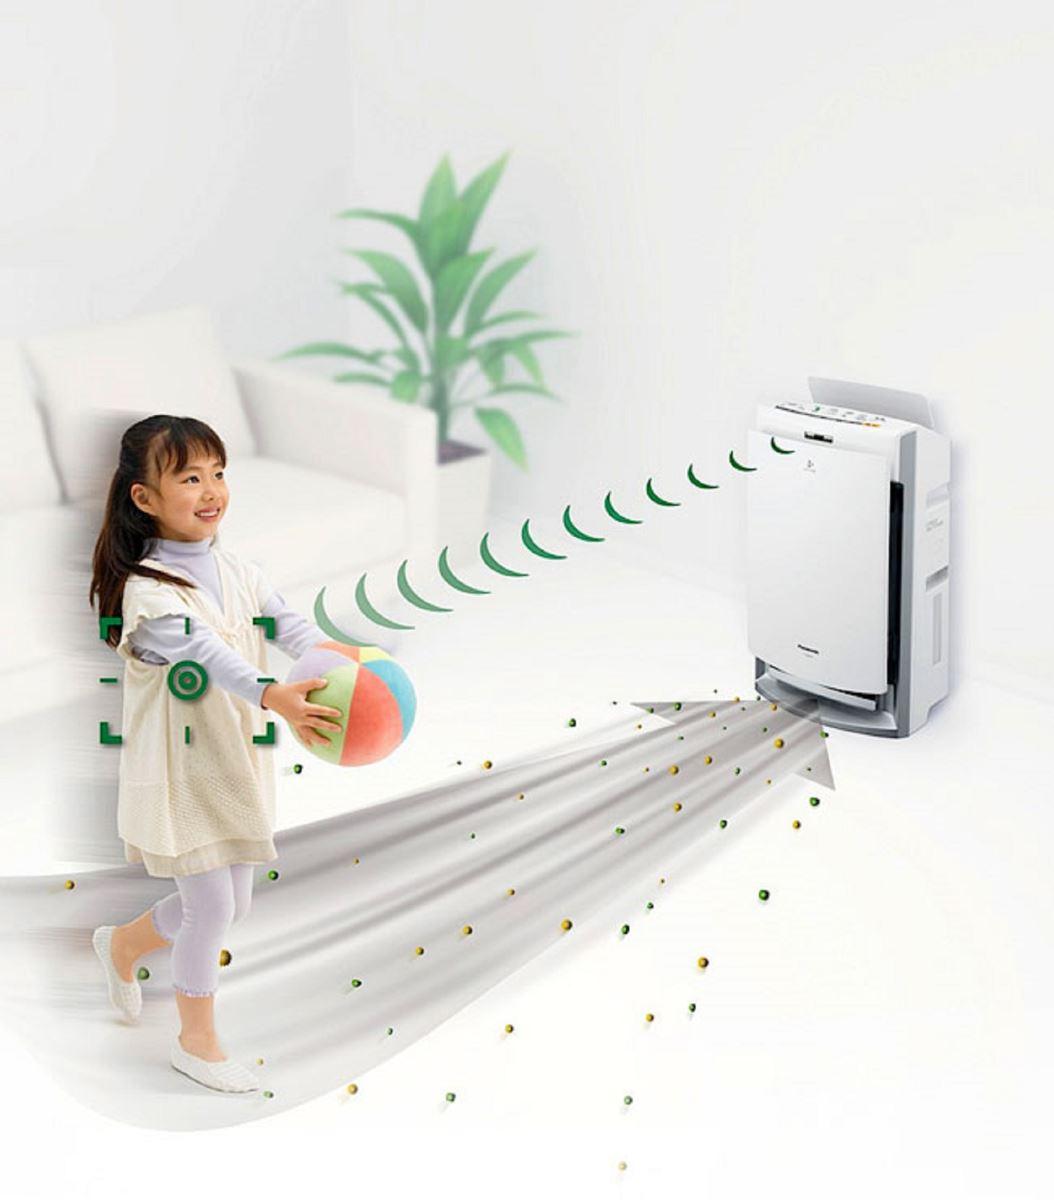 Những công dụng tuyệt vời của máy lọc không khí đối với sức khỏe